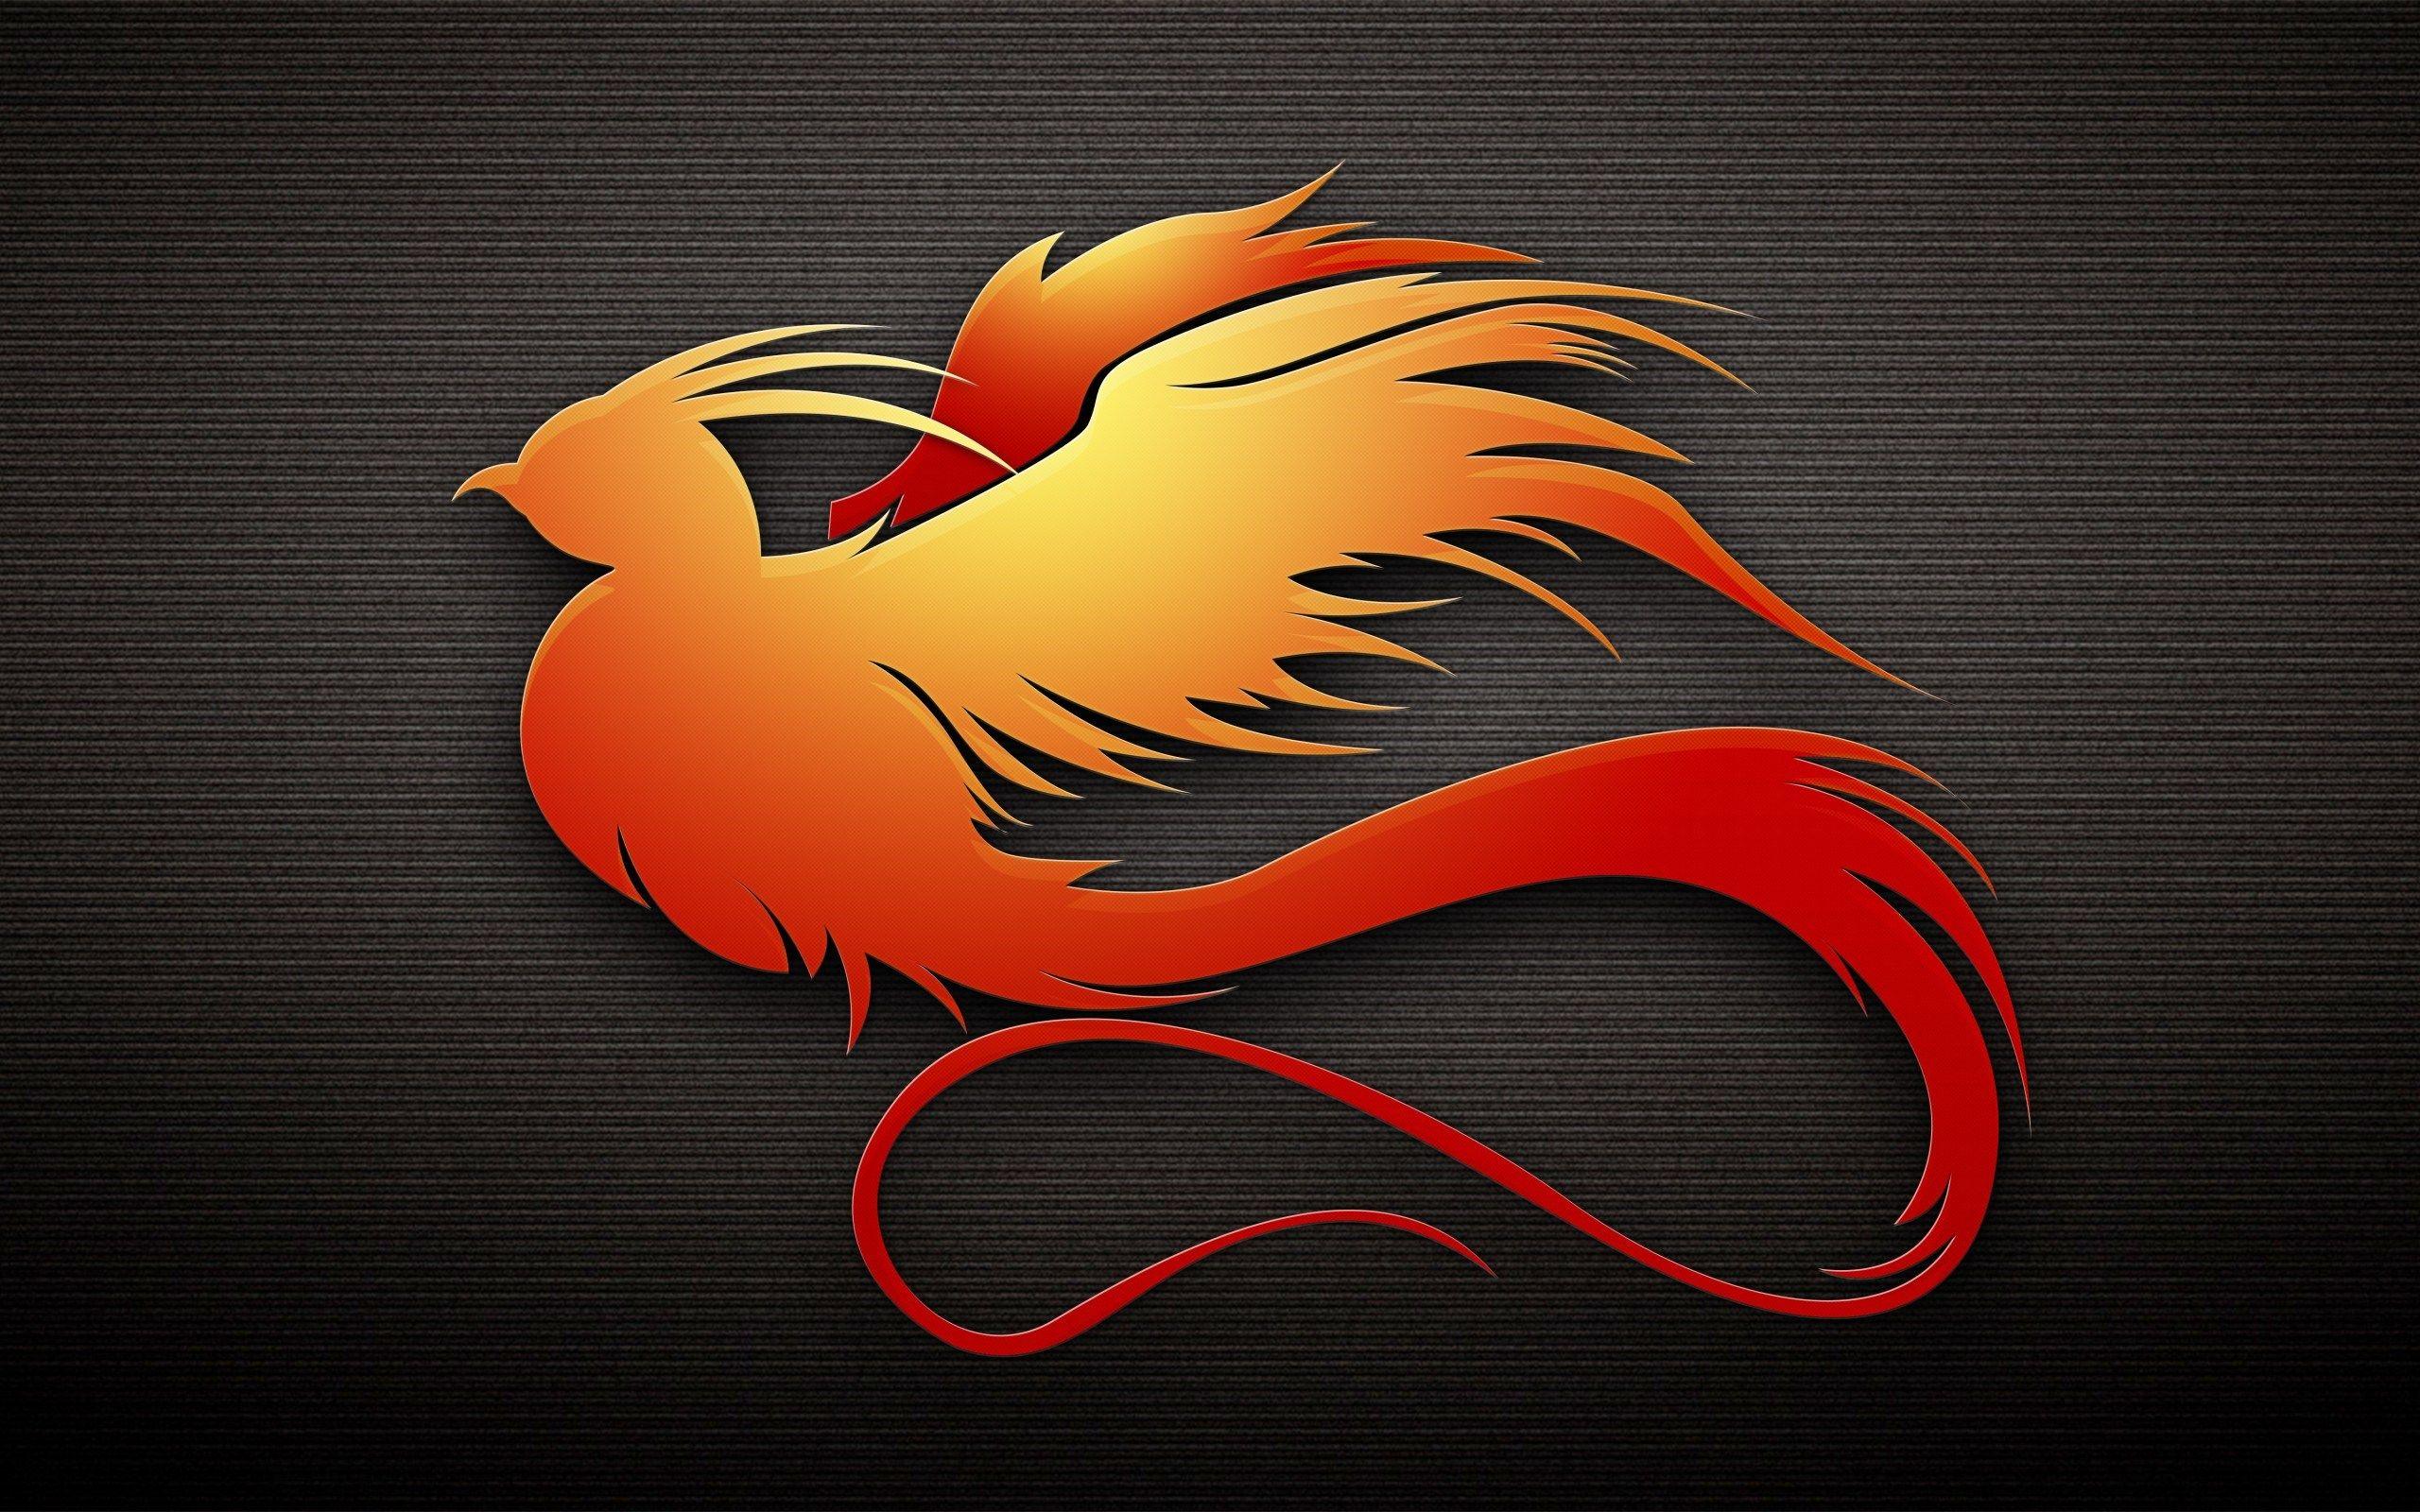 Phoenix Art Bird HD Vector Wallpaper 2560x1600   Hot HD Wallpaper 2560x1600